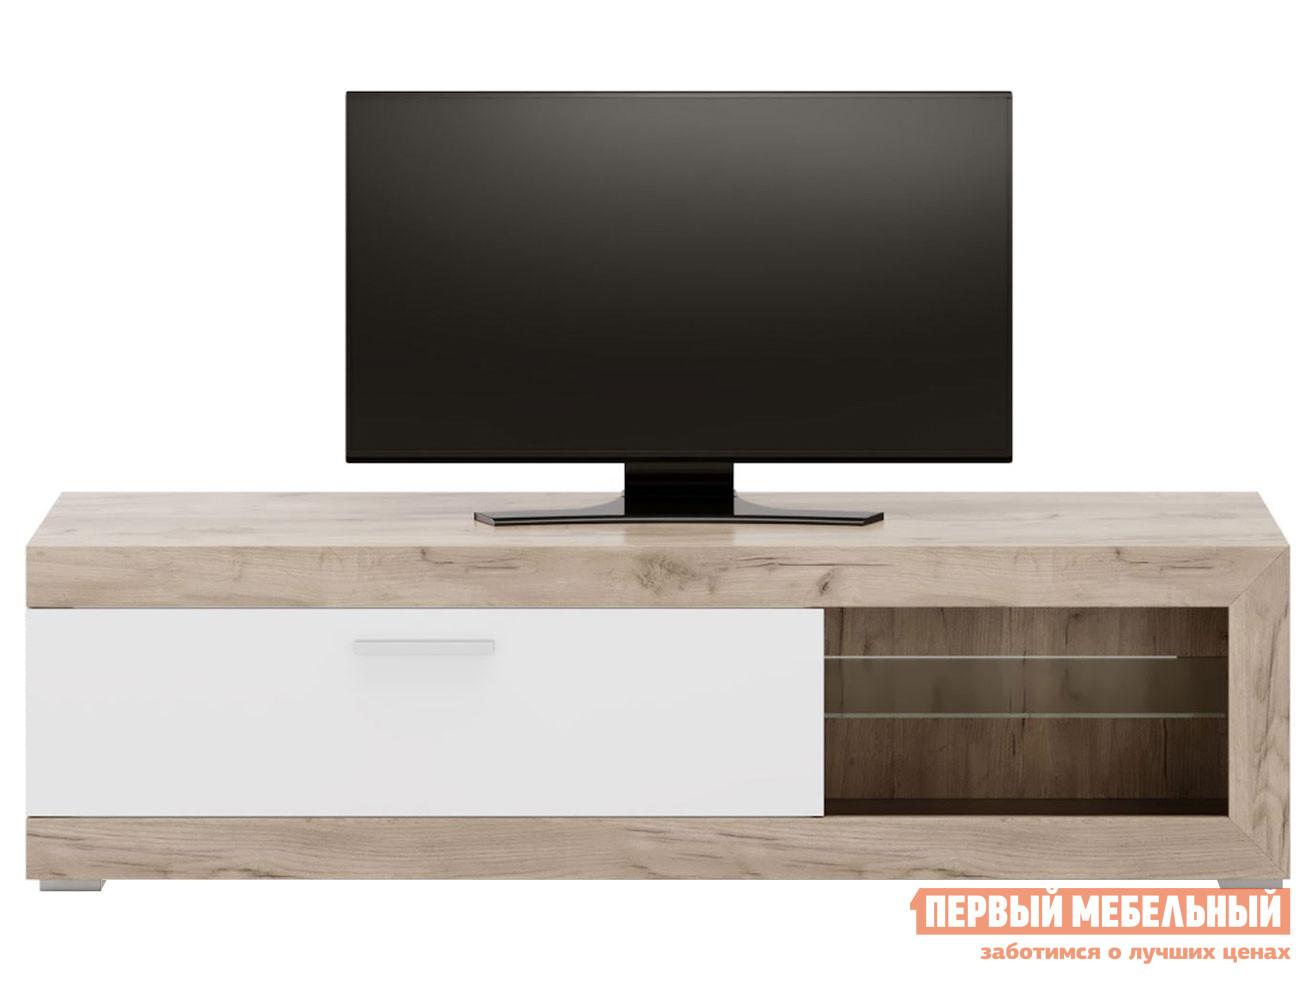 ТВ-тумба Первый Мебельный Детройт